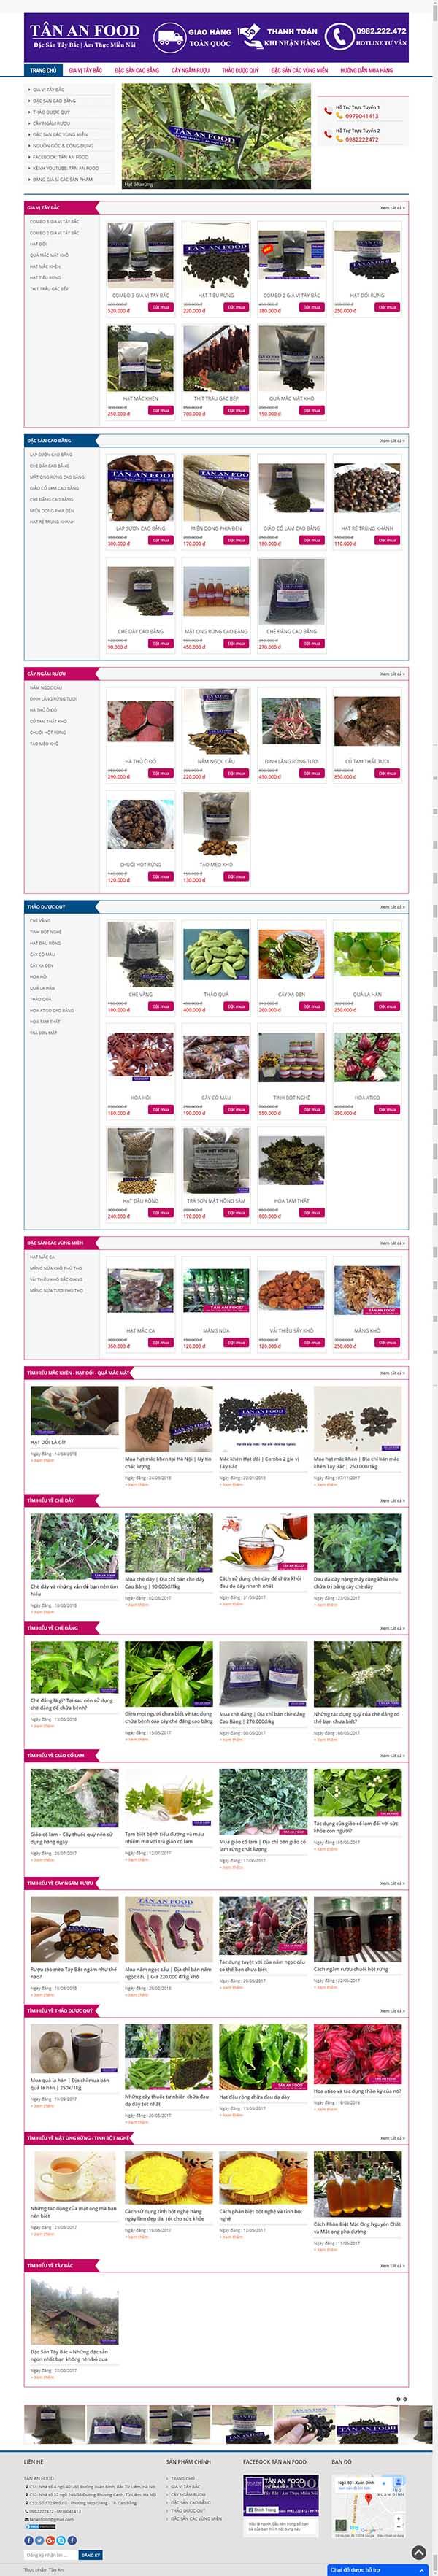 Thiết kế Mẫu website đặc sản dân tộc 05